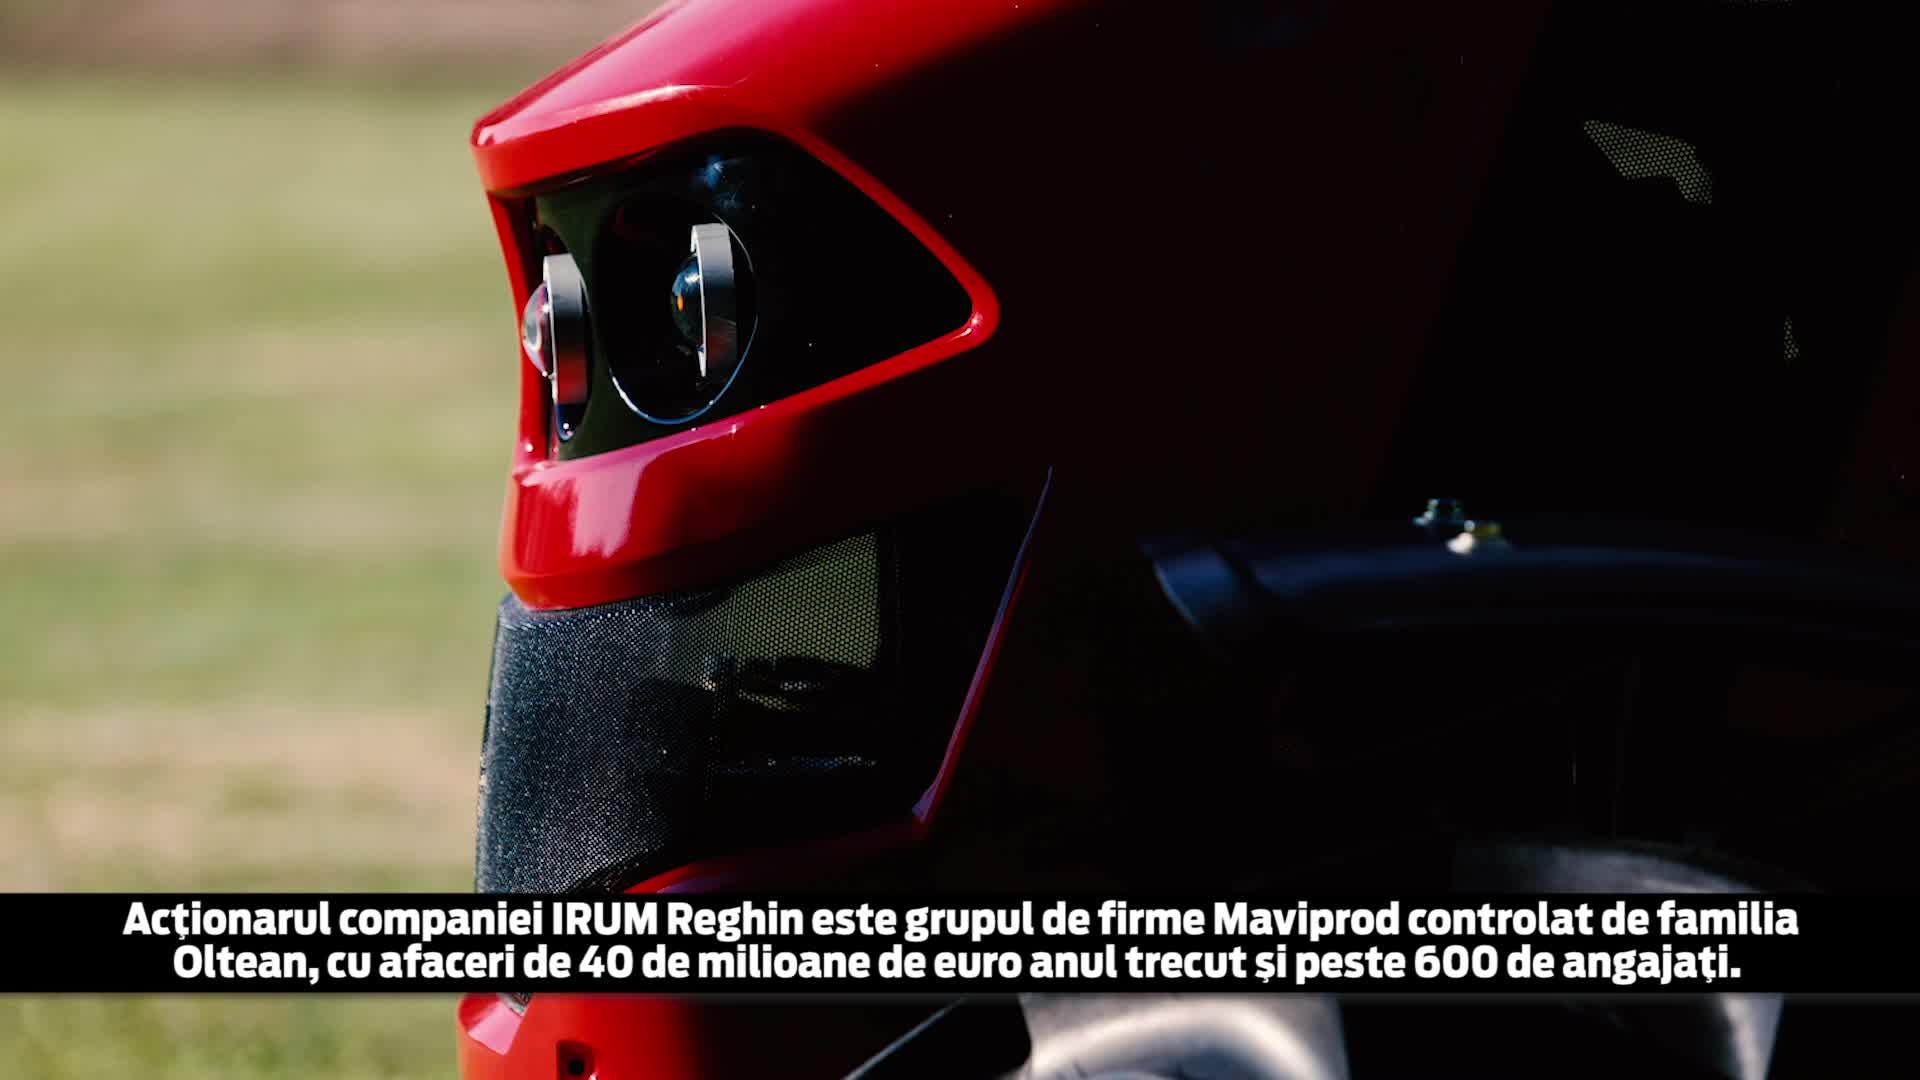 """Cât costă şi cum arată primul tractor """"made in România"""" după o pauză de 10 ani. Are inclusiv comenzi prin radio şi aer condiţionat - VIDEO"""